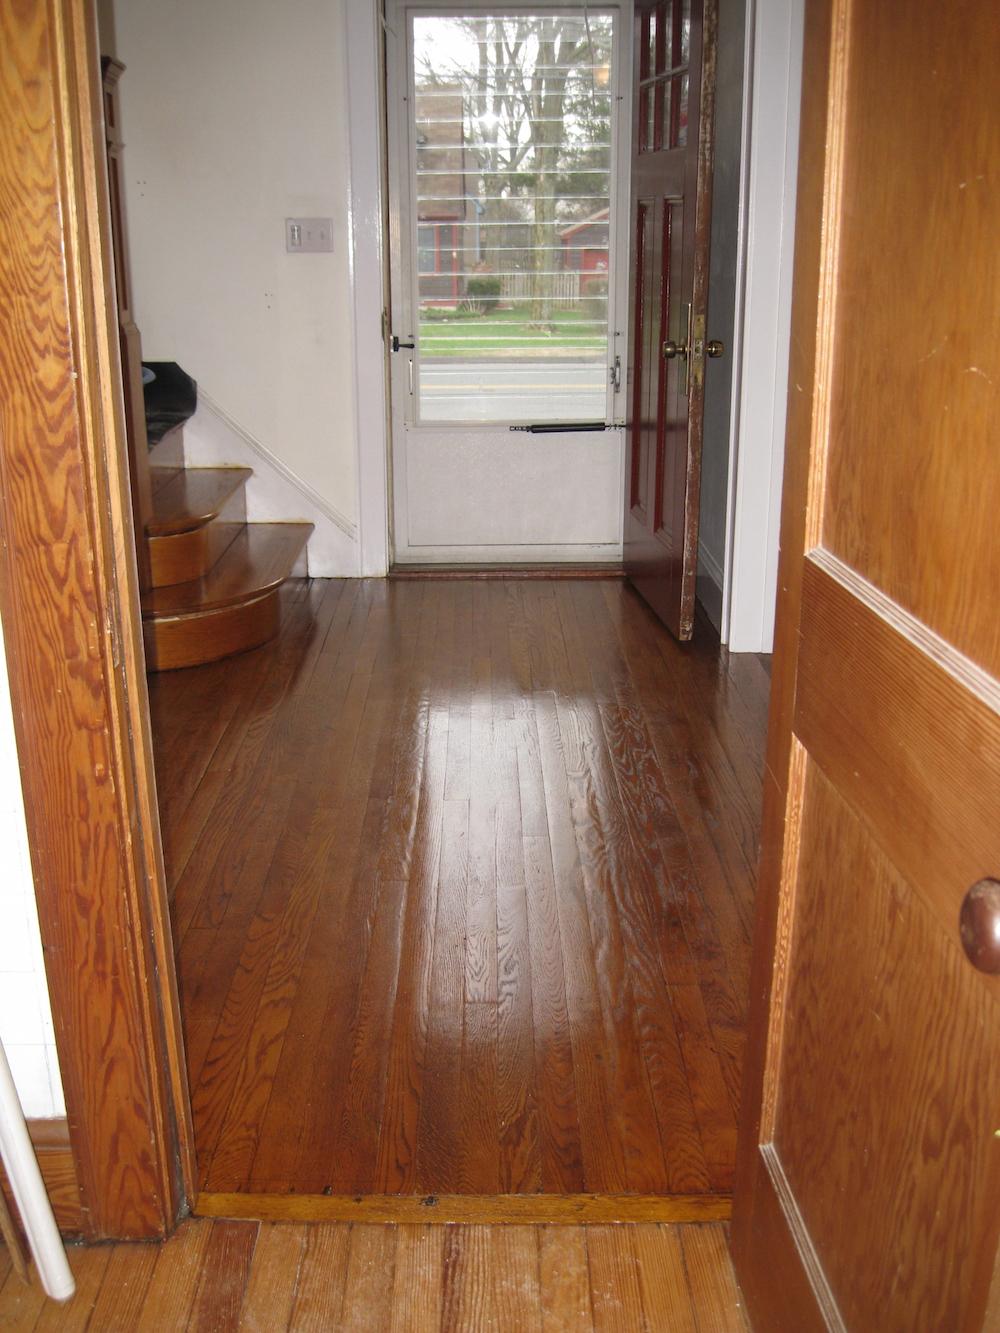 Img 2939 Jpeg Repairing Restoring Old Wood Floor Experience 3042